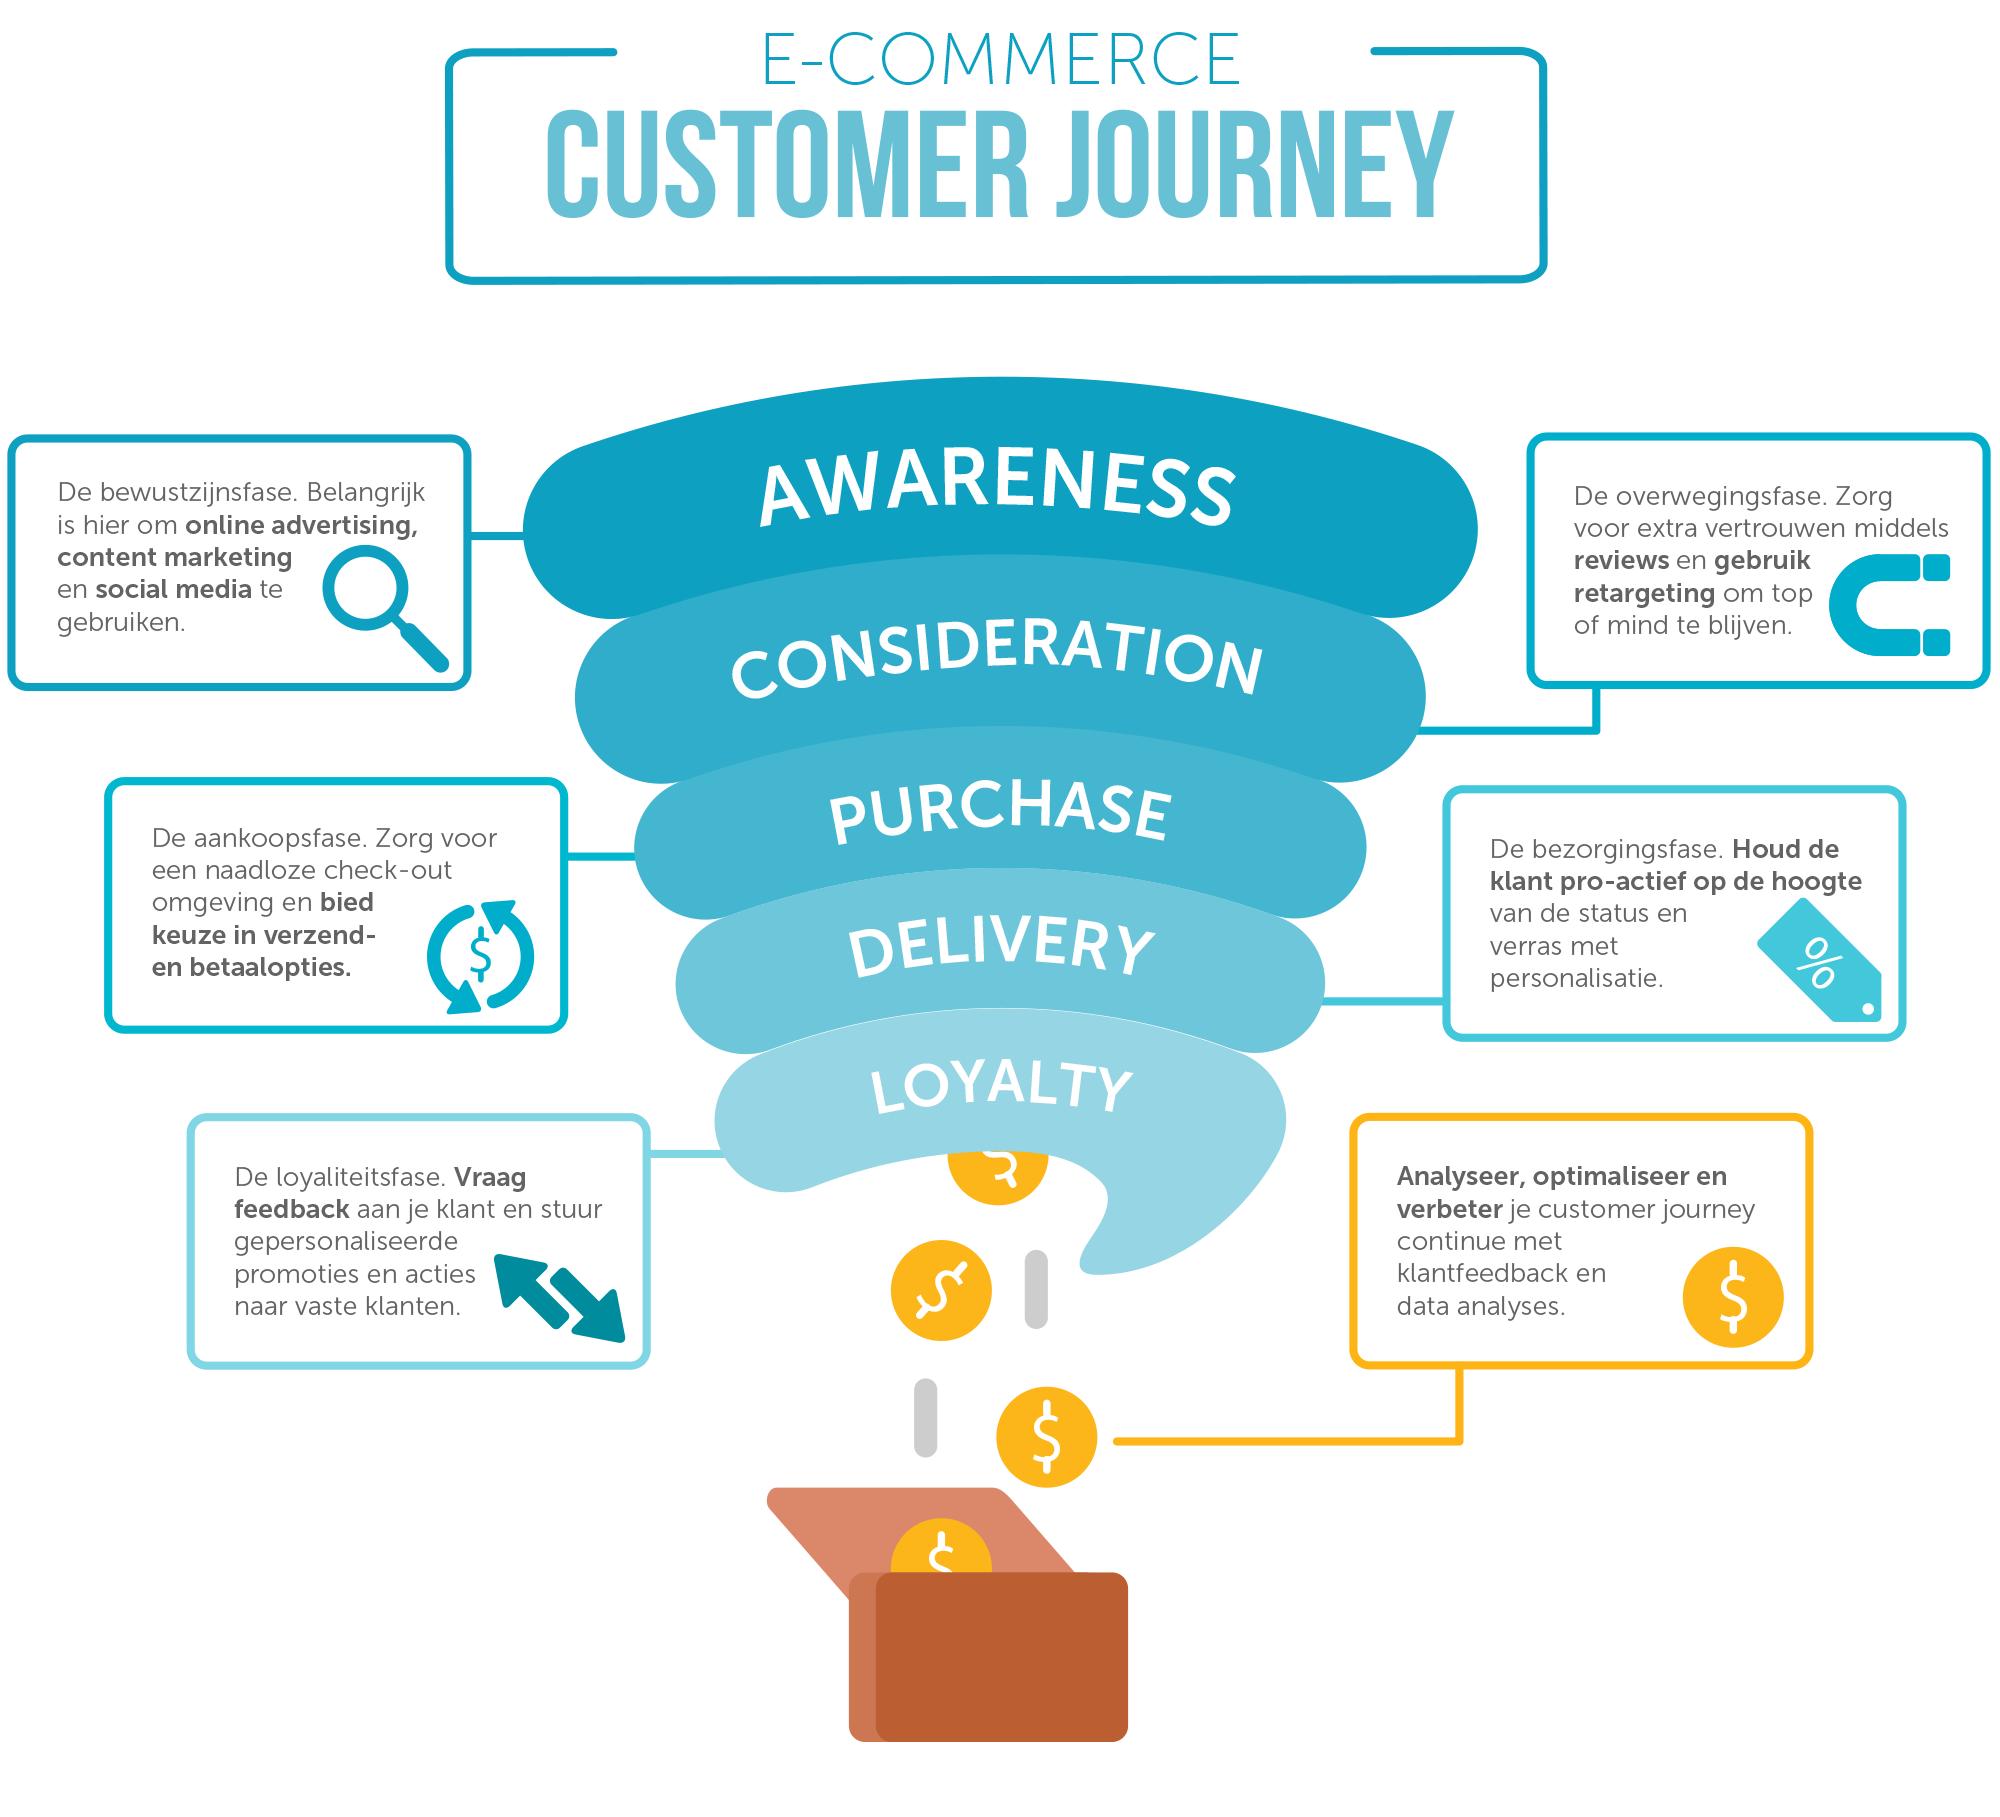 Customer Journey E-commerce Infographic